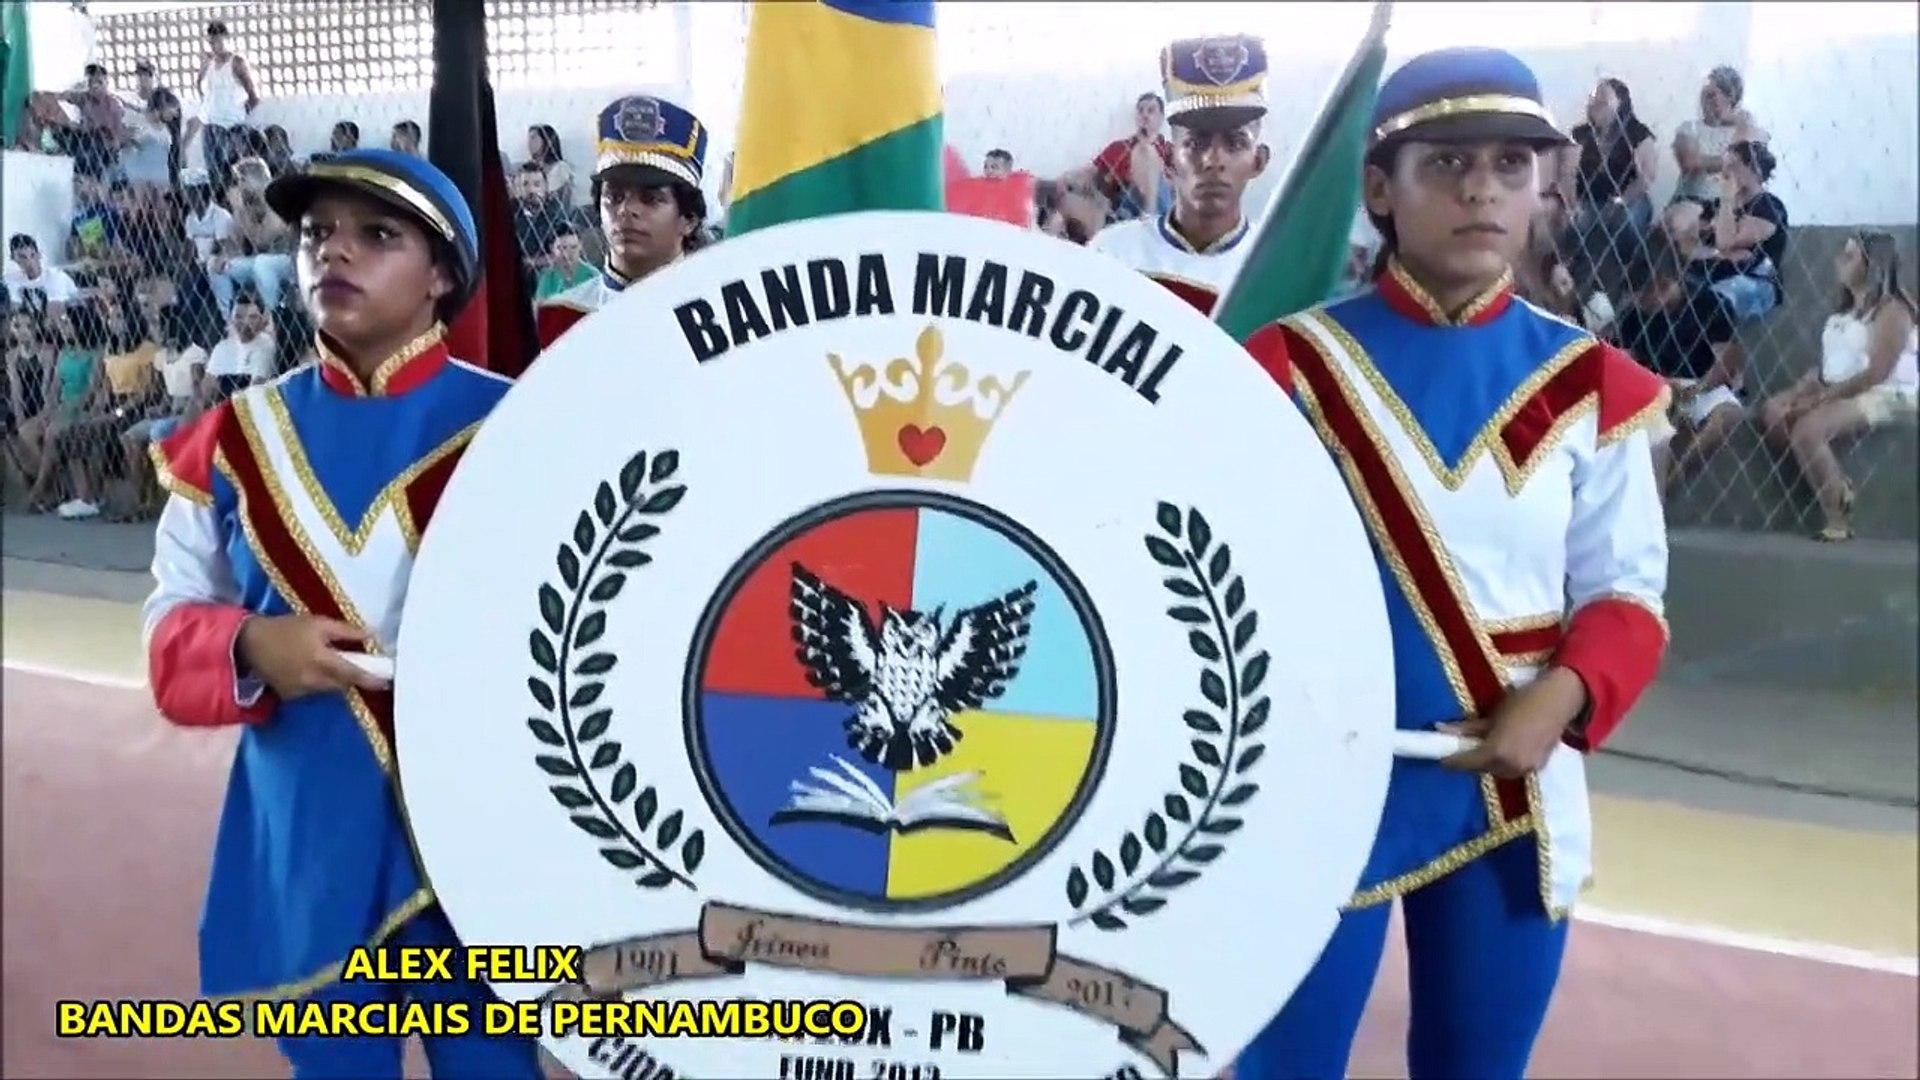 Banda Cidada Integral Irineu Pinto 2018 _ XI COPA NORDESTE NORTE DE BANDAS E FANFARRAS EM ALTINHO PE